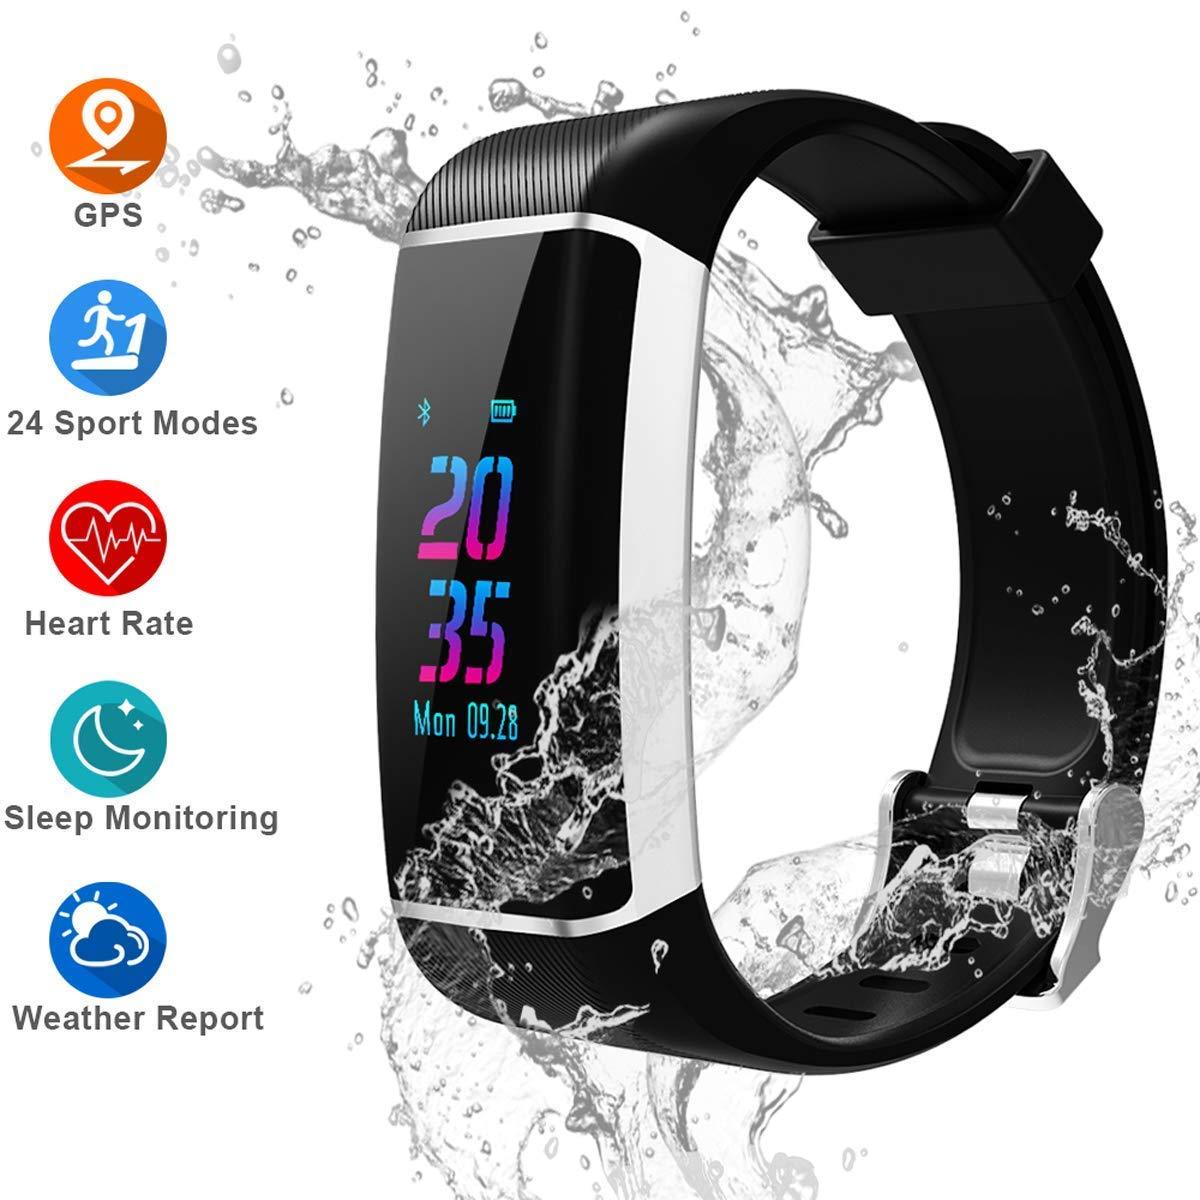 Pulsera Actividad GPS, 24 modos deportivos Monitor Pantalla Color monitor de ritmo cardíaco, GPS incorporado,resistente al agua, monitor de sueño Para mujeres Hombres: Amazon.es: Salud y cuidado personal